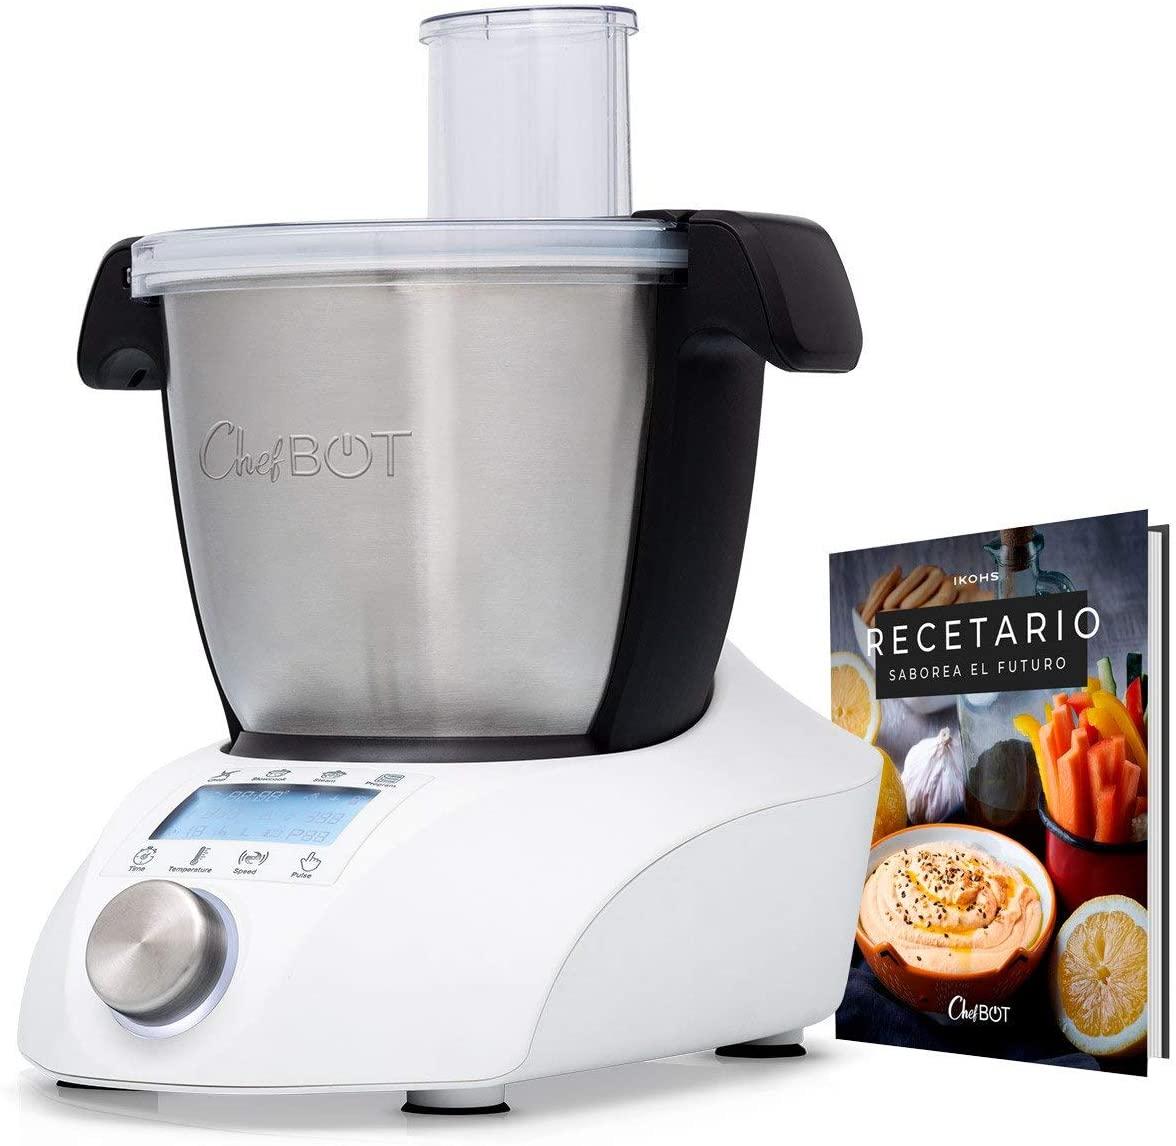 IKOHS CHEFBOT Compact - Robot de Cocina Multifunción